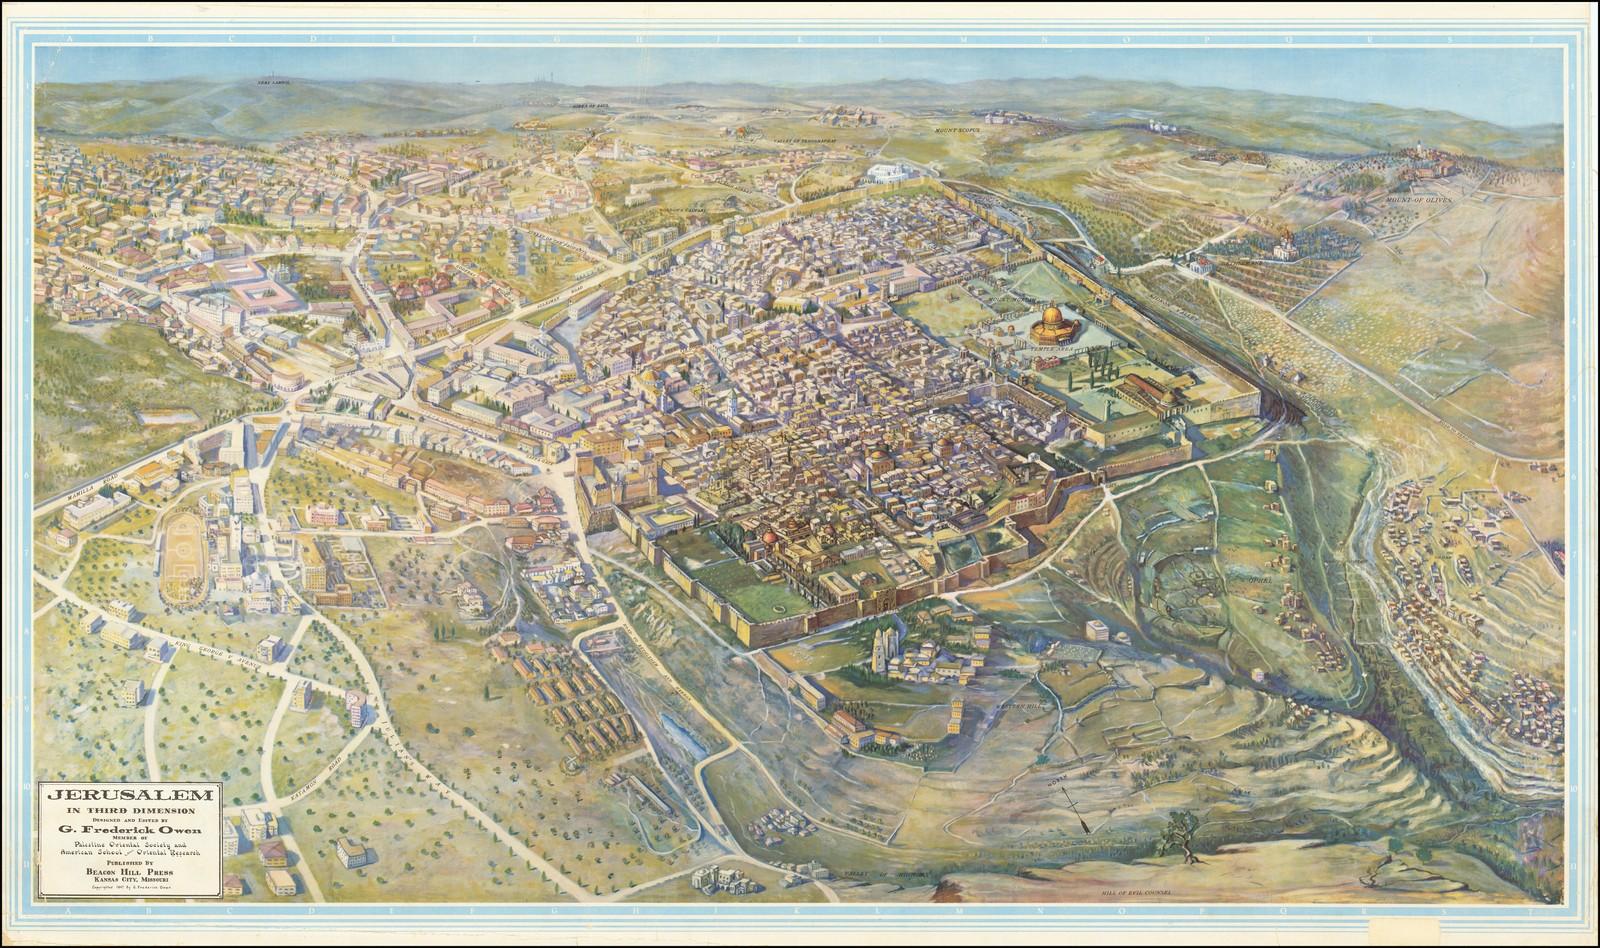 Вид Иерусалима с высоты птичьего полета, опубликованный Фредериком Оуэном в 1947 году, за год до основания Израиля